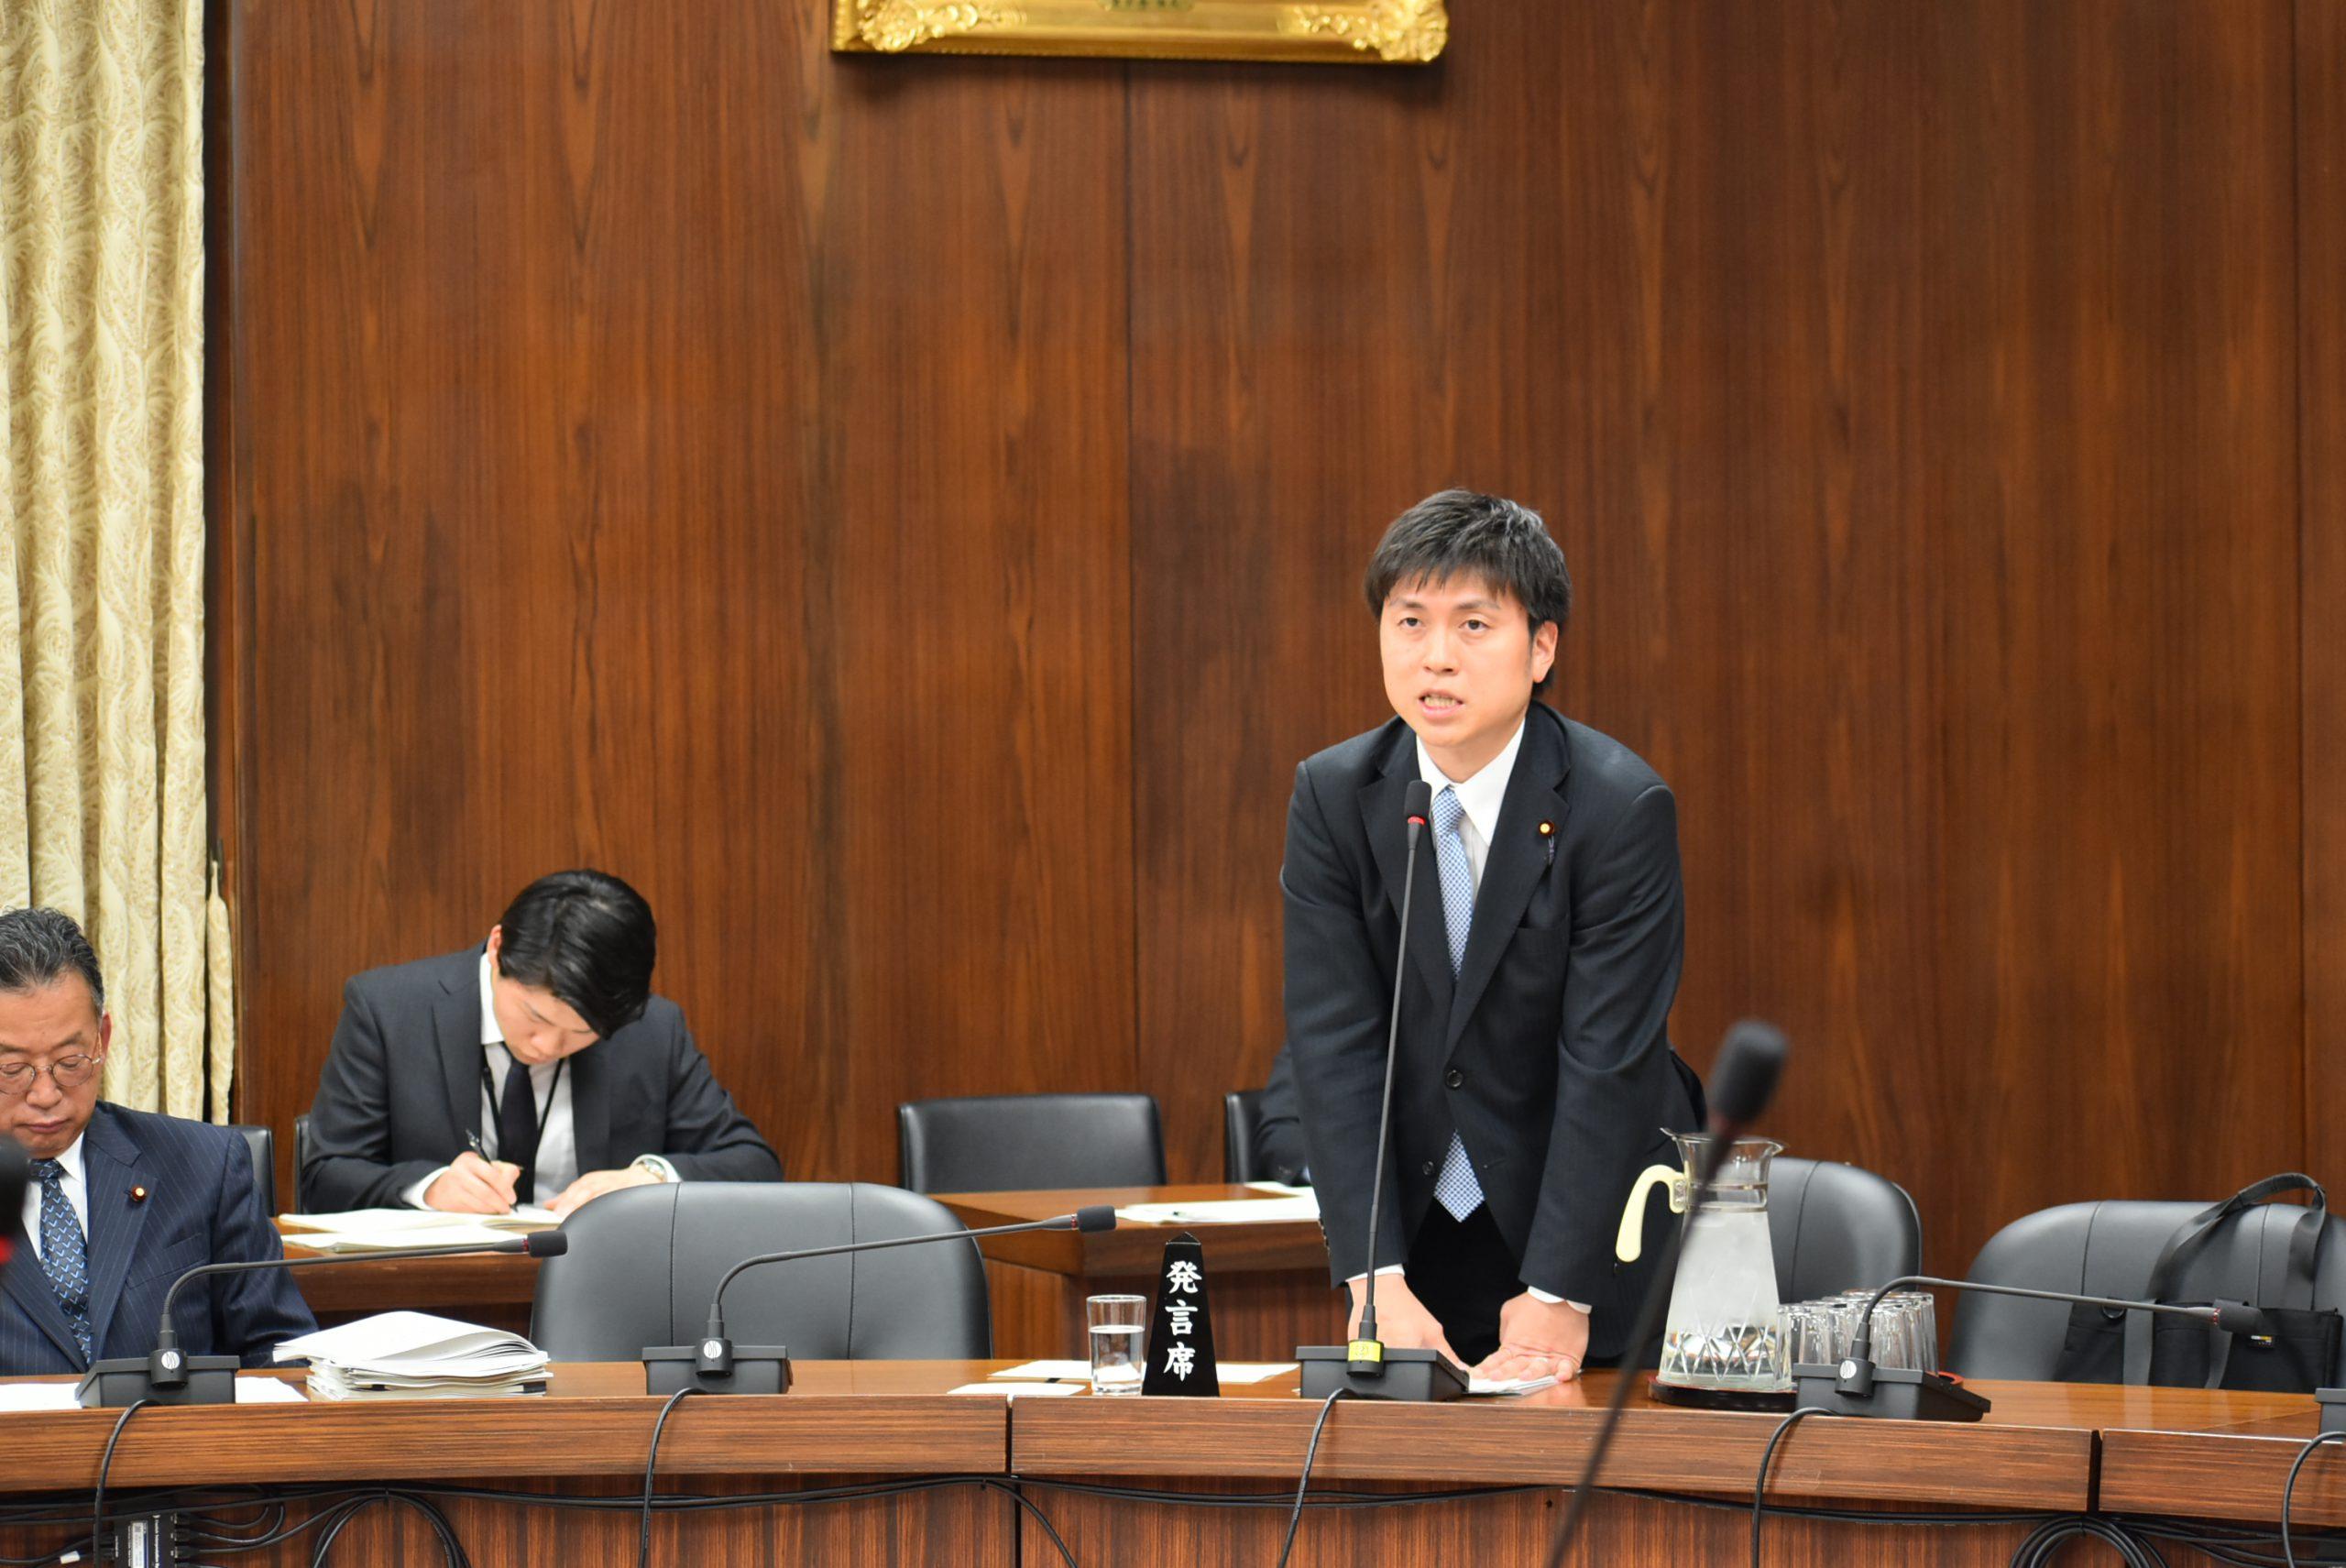 衆議院予算委員会第六分科会 (2019/2/27)